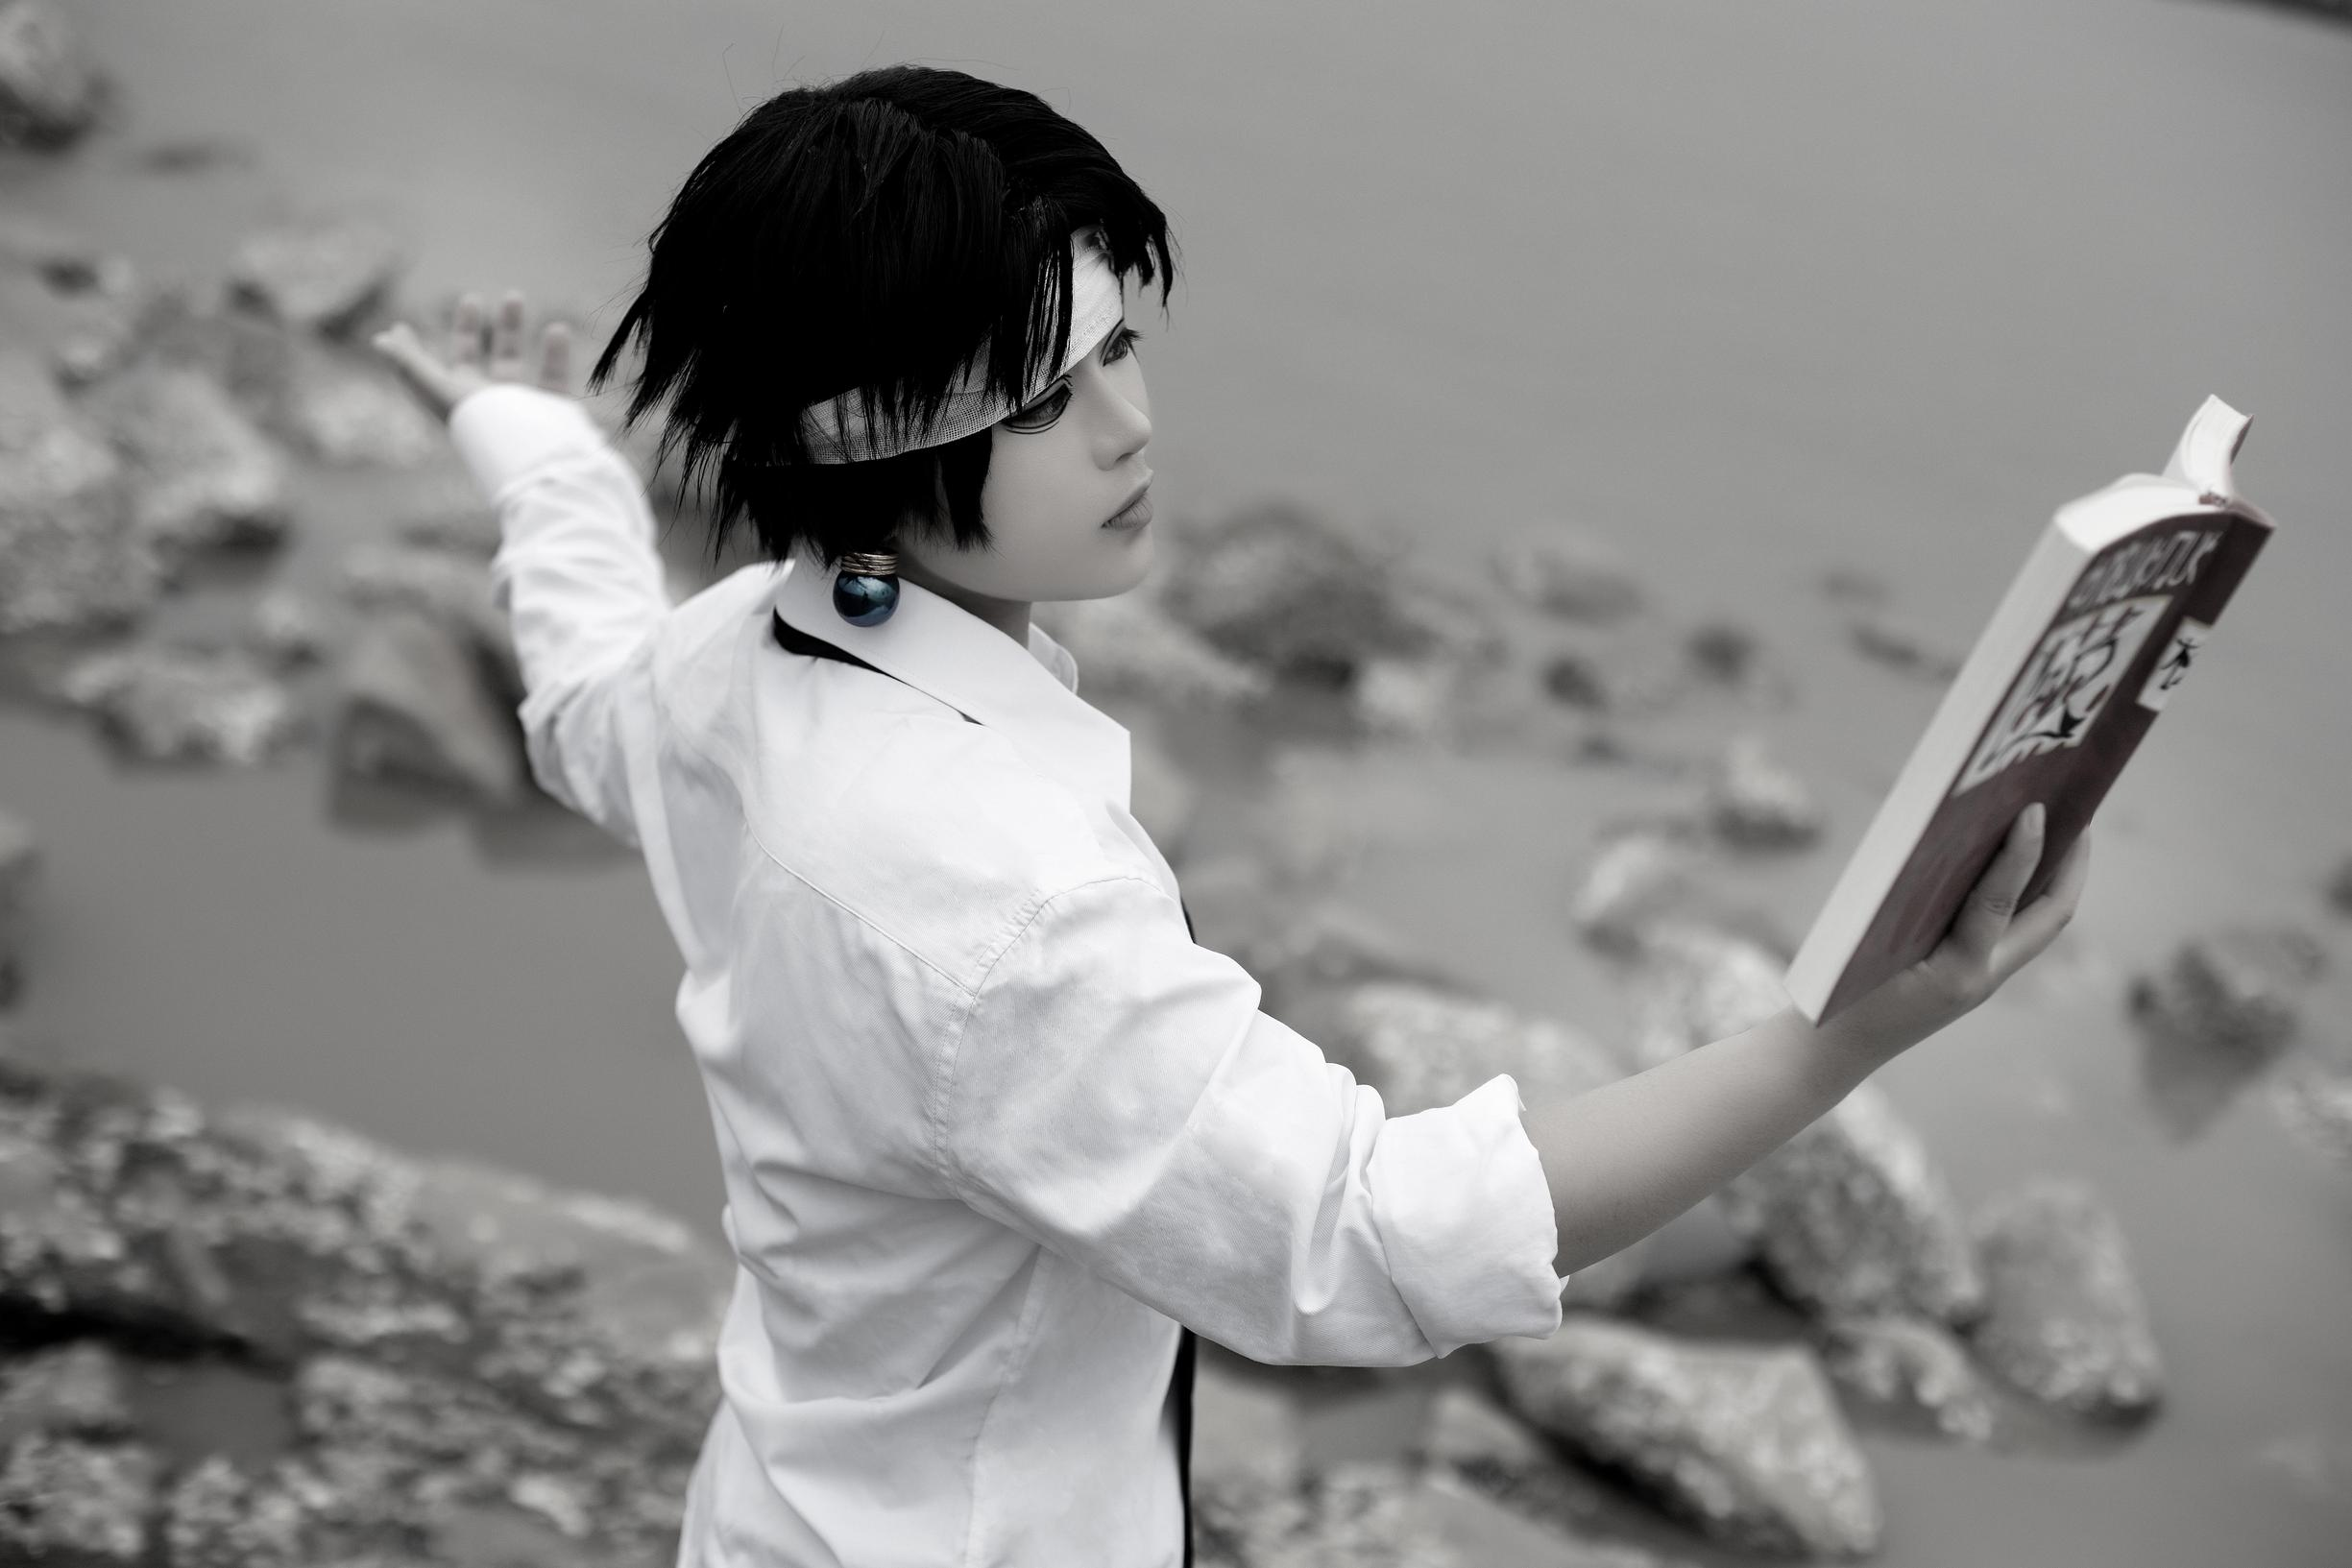 《全职猎人》库洛洛cosplay【CN:缥缈十一】 -cosplay图片以及视频插图